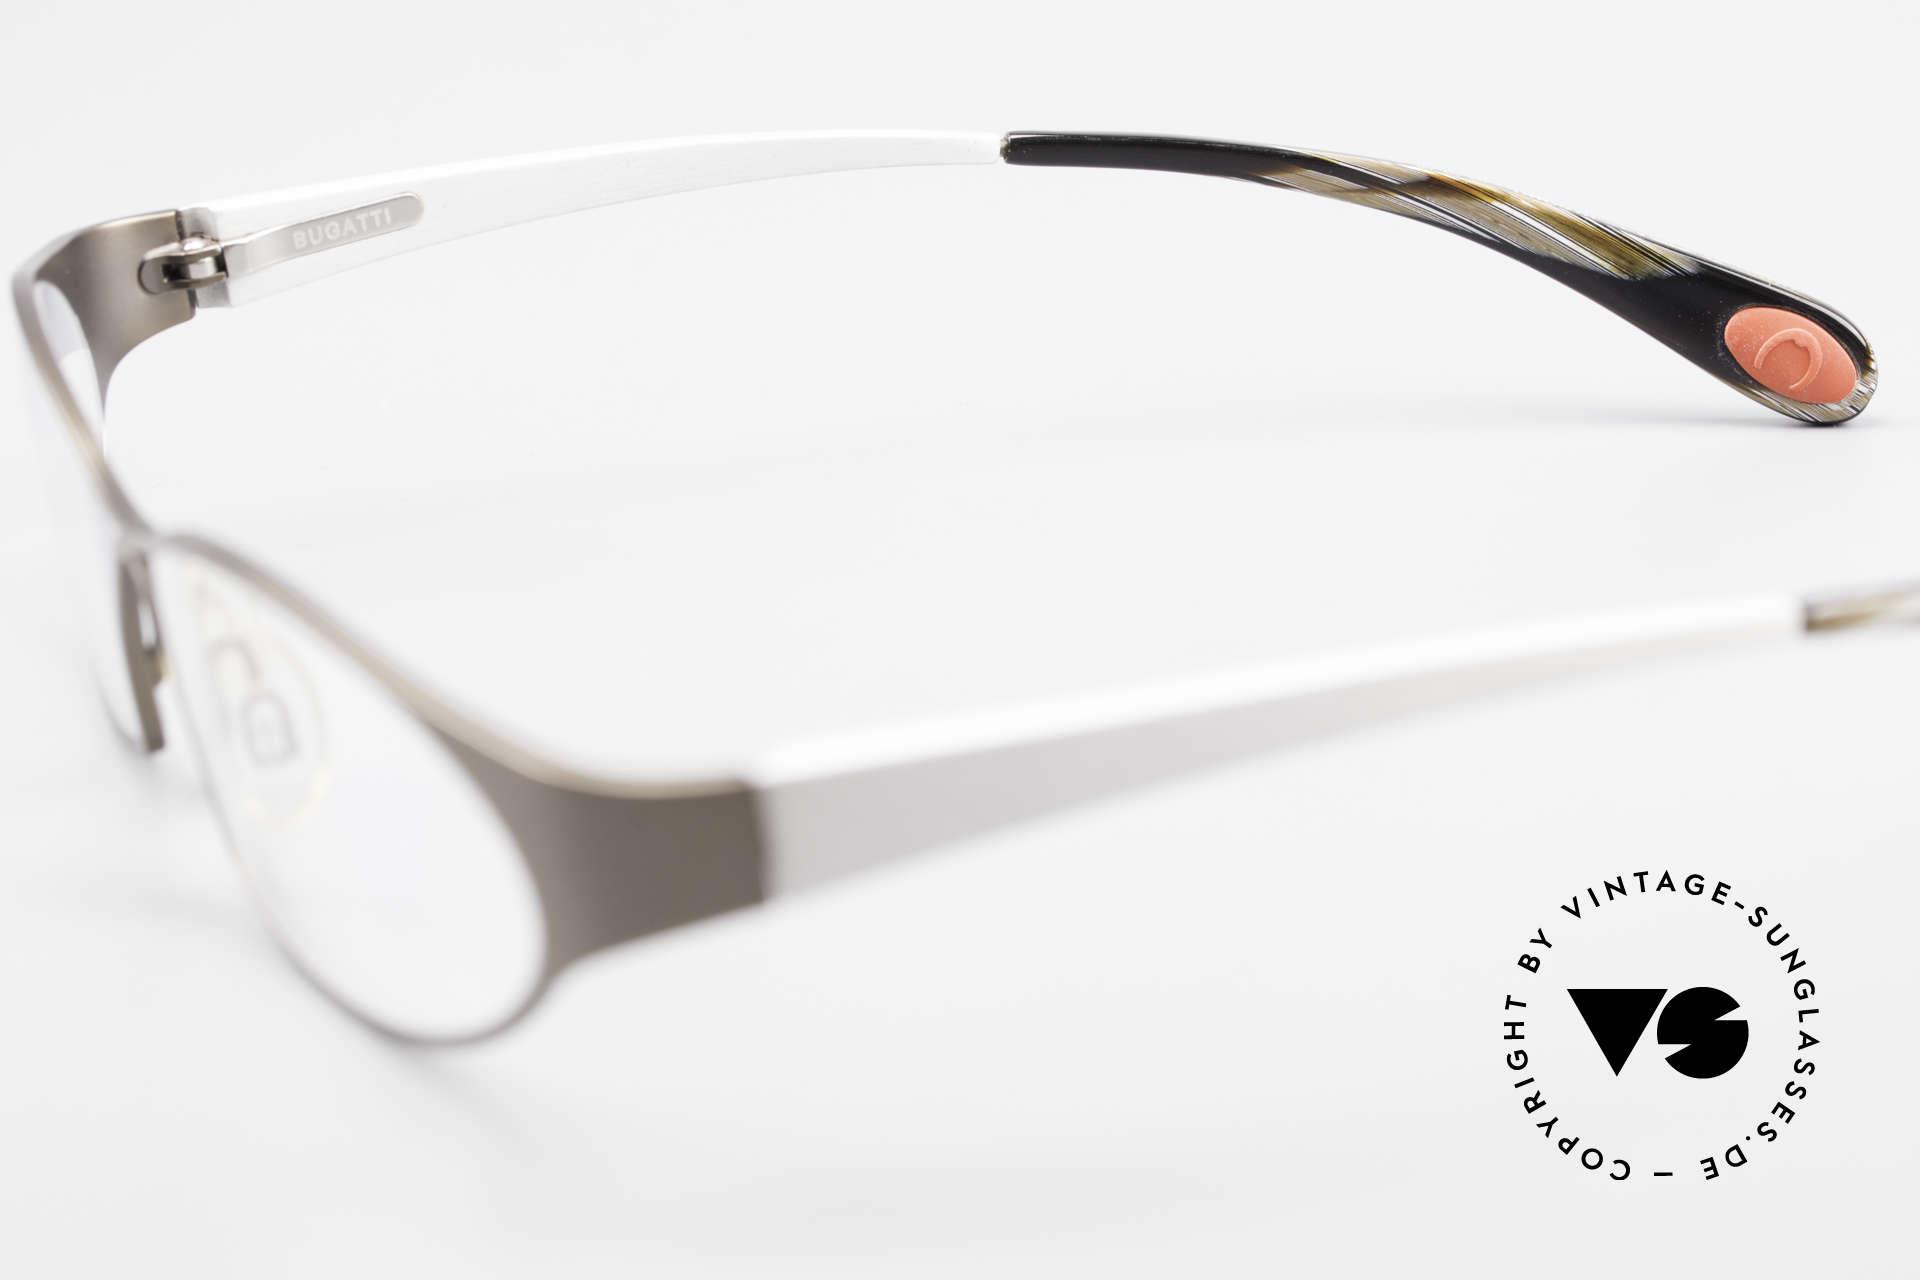 Bugatti 363 Odotype Rare Designer Brille Herren, Modell als Brille oder Sonnenbrille verglasbar, Passend für Herren